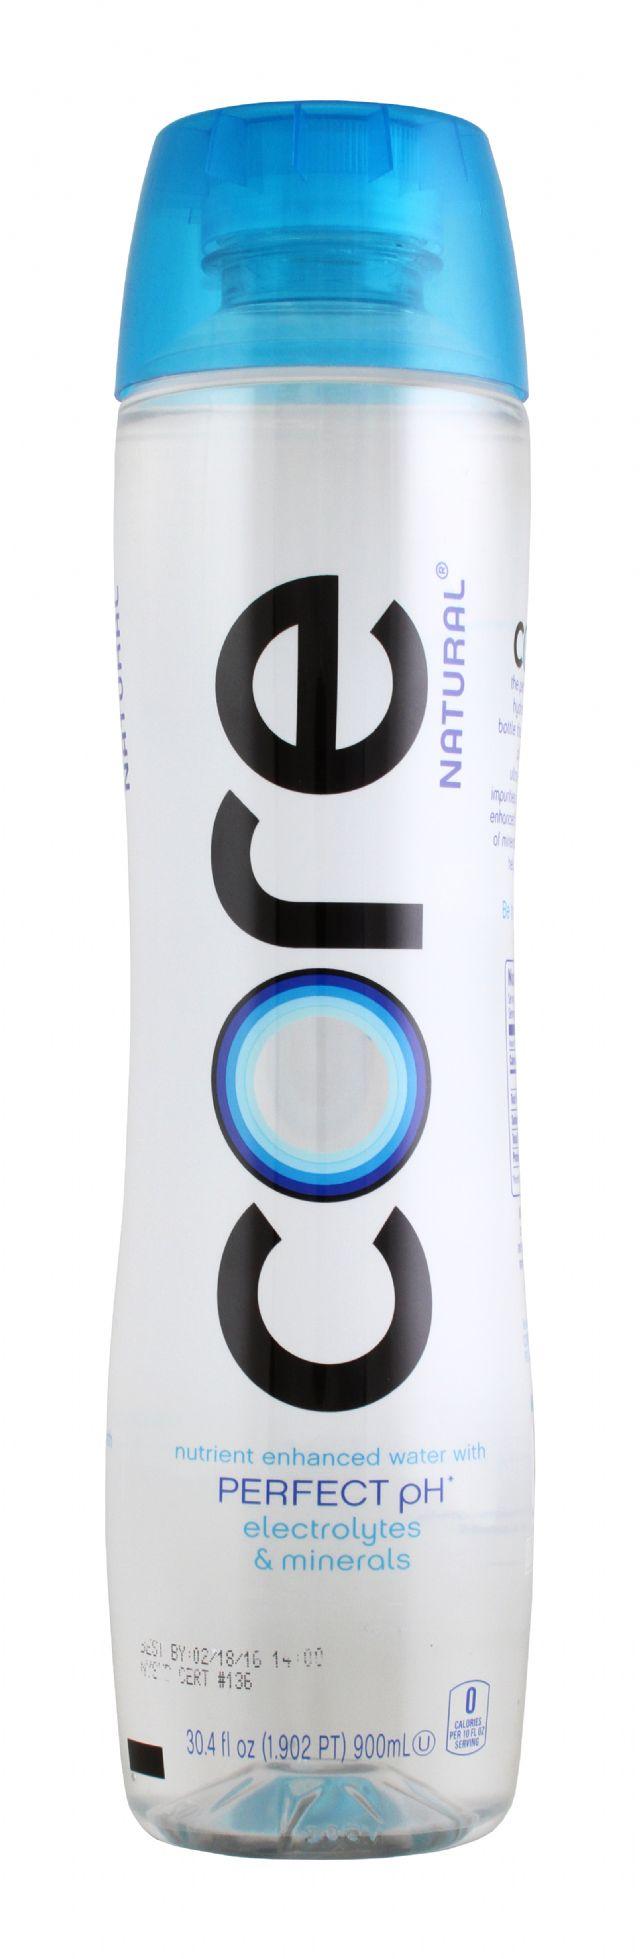 Core Natural: CoreNatural LG